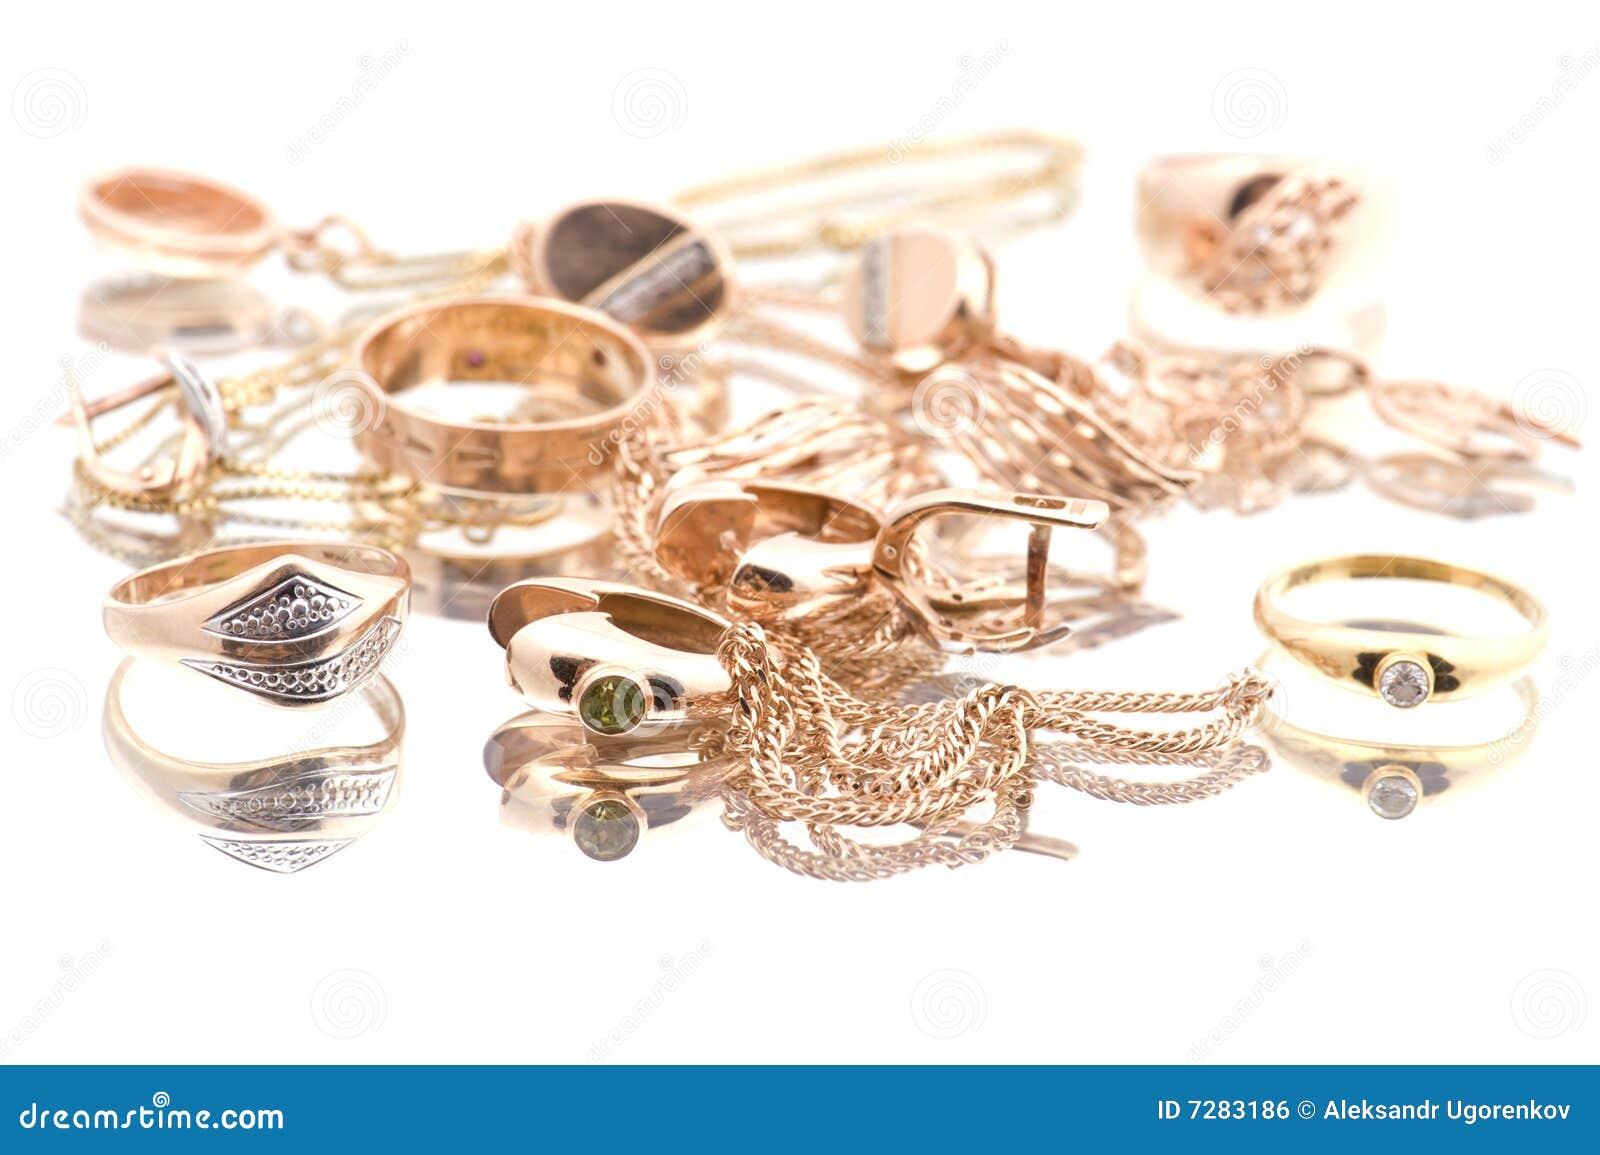 Objeto de valor de oro